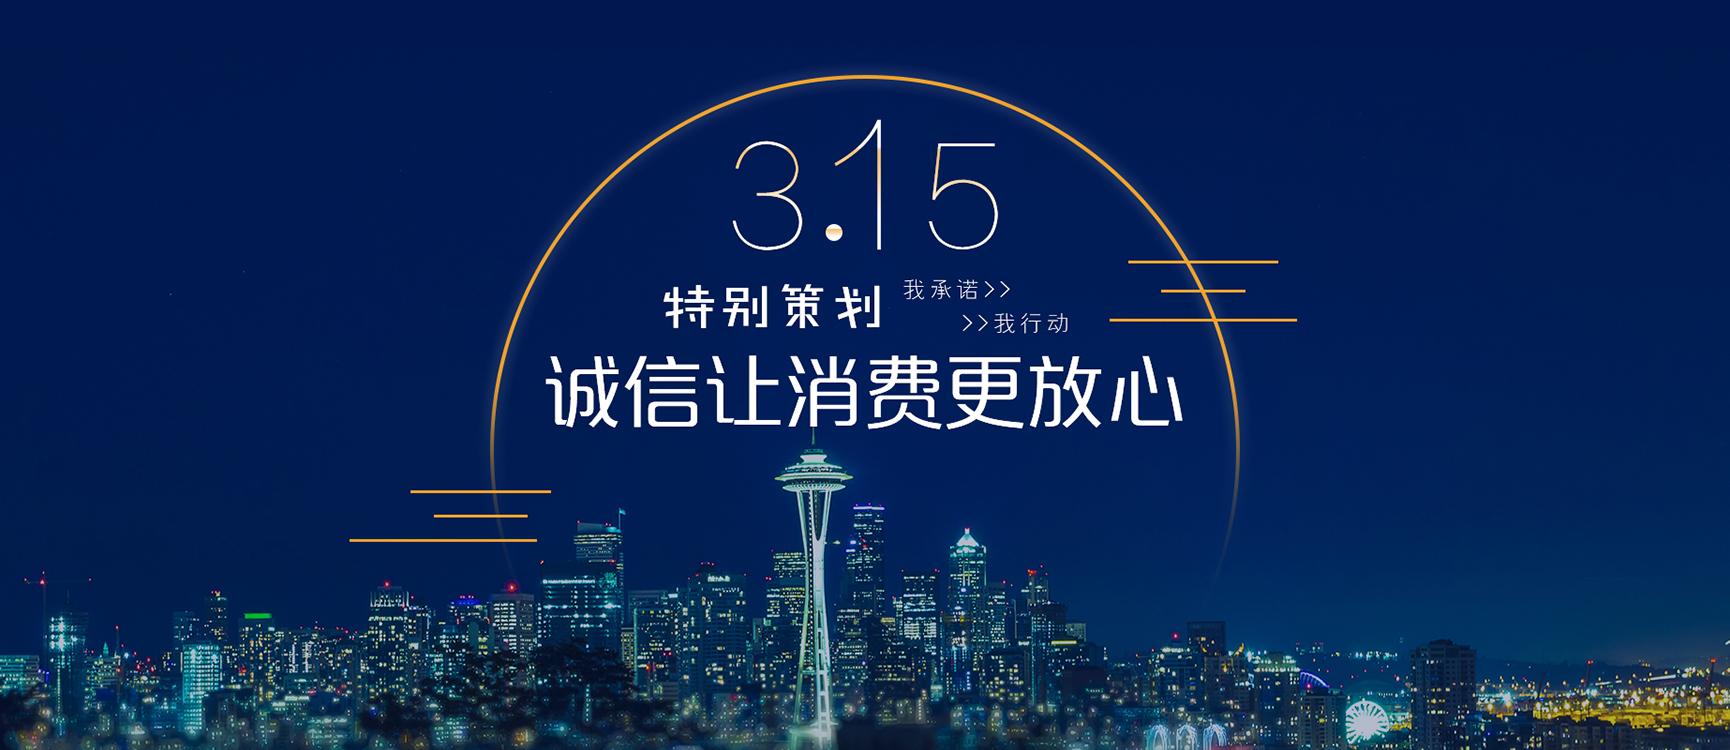 【专题】诚信让消费更放心——中国平安彩票娱乐平台网315特别策划!